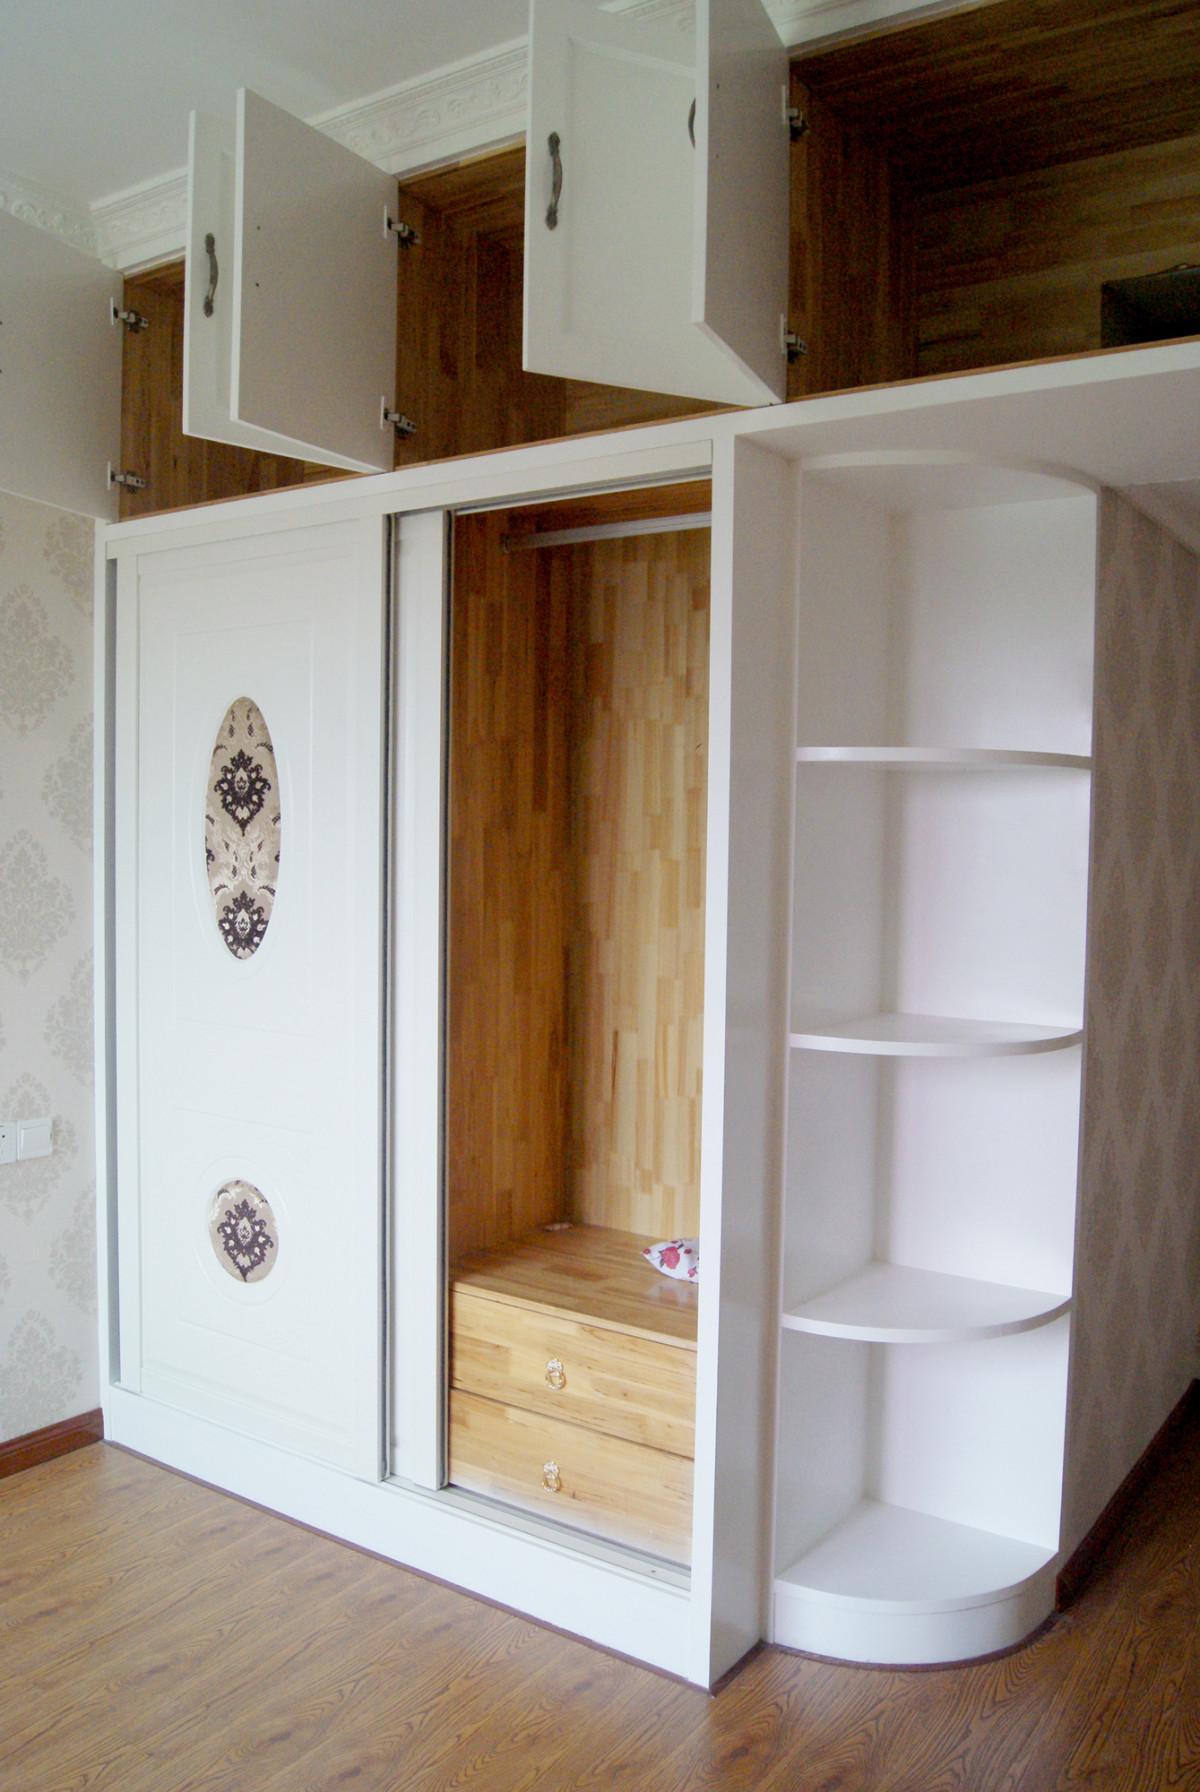 主卧衣柜,转角设计了弧形展示区图片